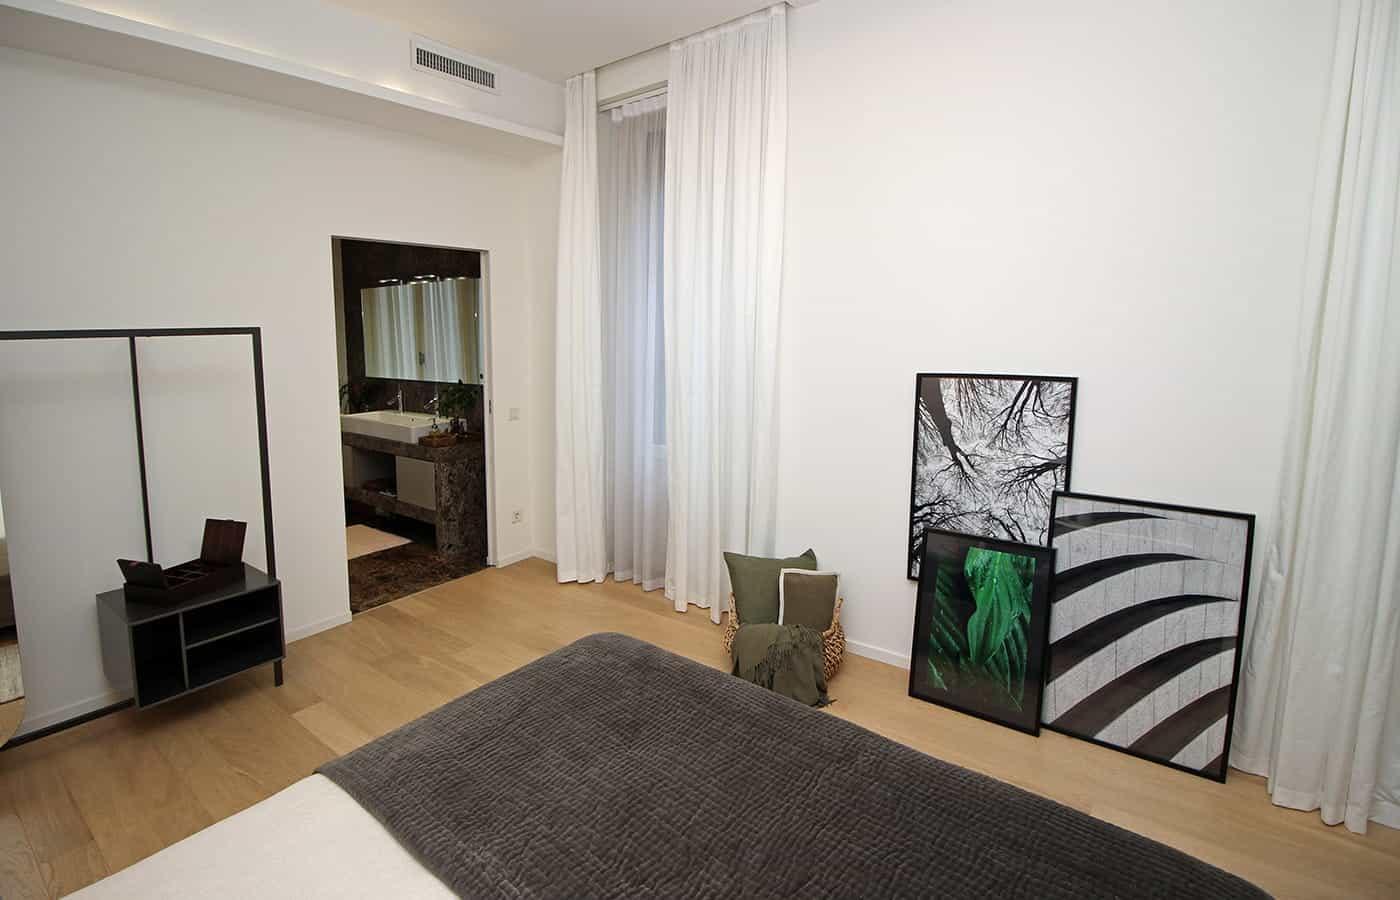 Entrata bagno della camera da letto - Progetto Via Santo Spirito Milano - Il Mobile